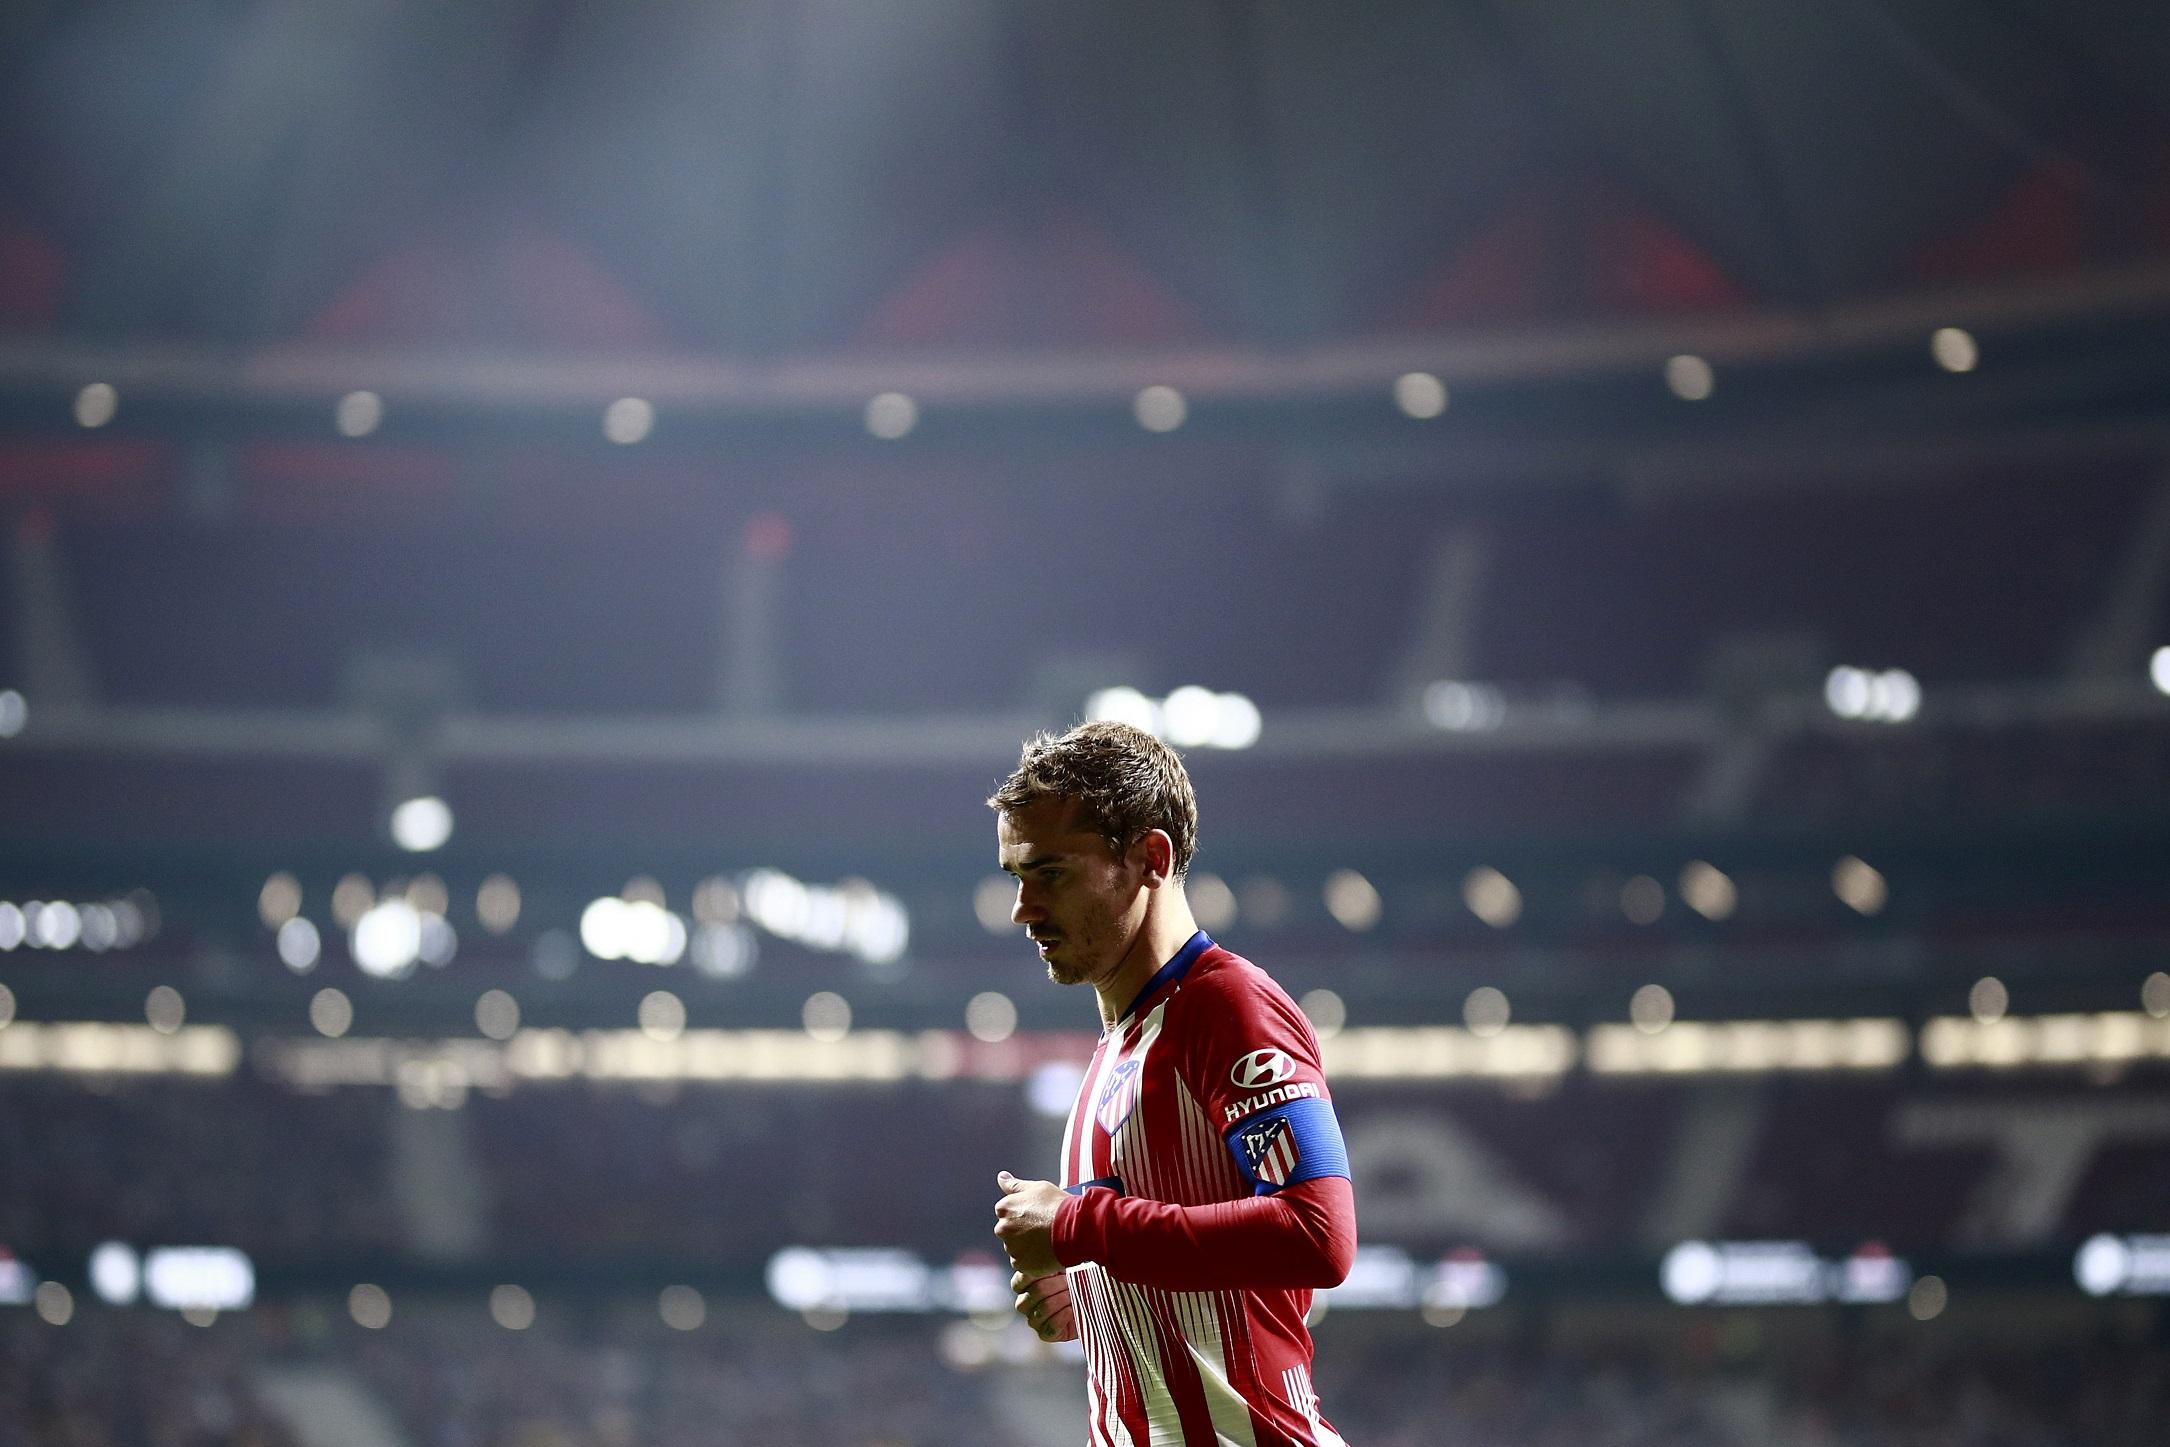 El Atlético de Madrid tiene la mejor plantilla de su historia  toca dar un  puñetazo en la mesa 08ae48230b4ce